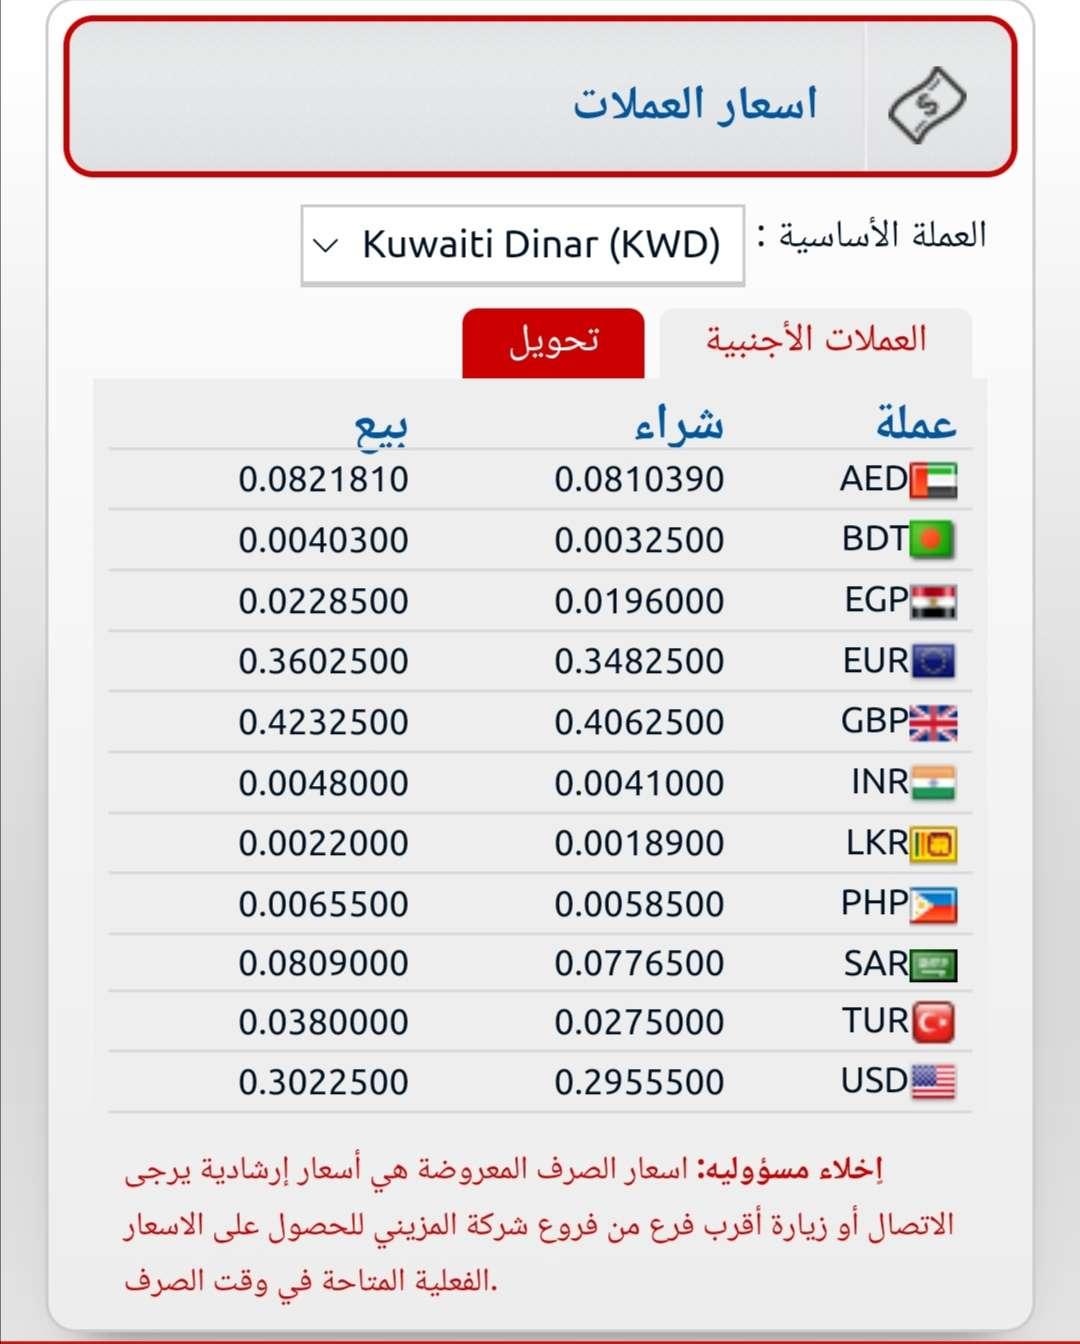 اسعار تحويل الدينار الكويتي مقابل الجنيه المصري صرافة المزيني الأربعاء ٤ أغسطس ٢٠٢١